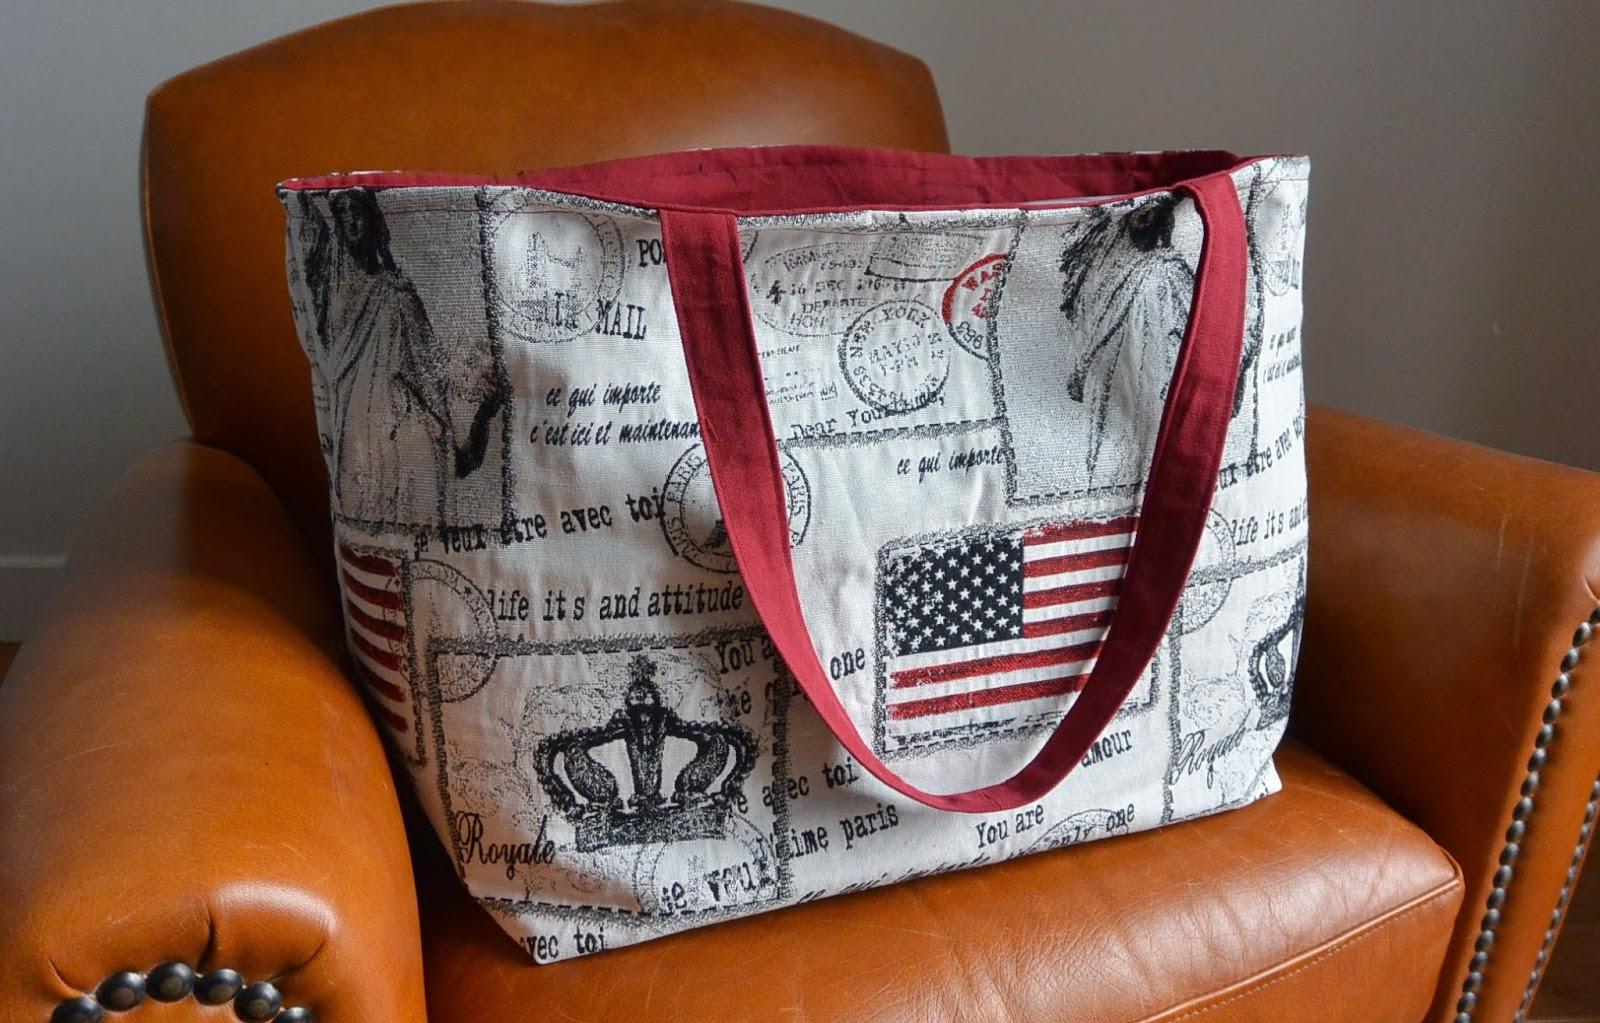 Sac XXL en tissu jacquard voyage aux USA et UK, grosse capacité de rangement. 2 poches intérieures. Rouge bordeaux bleu